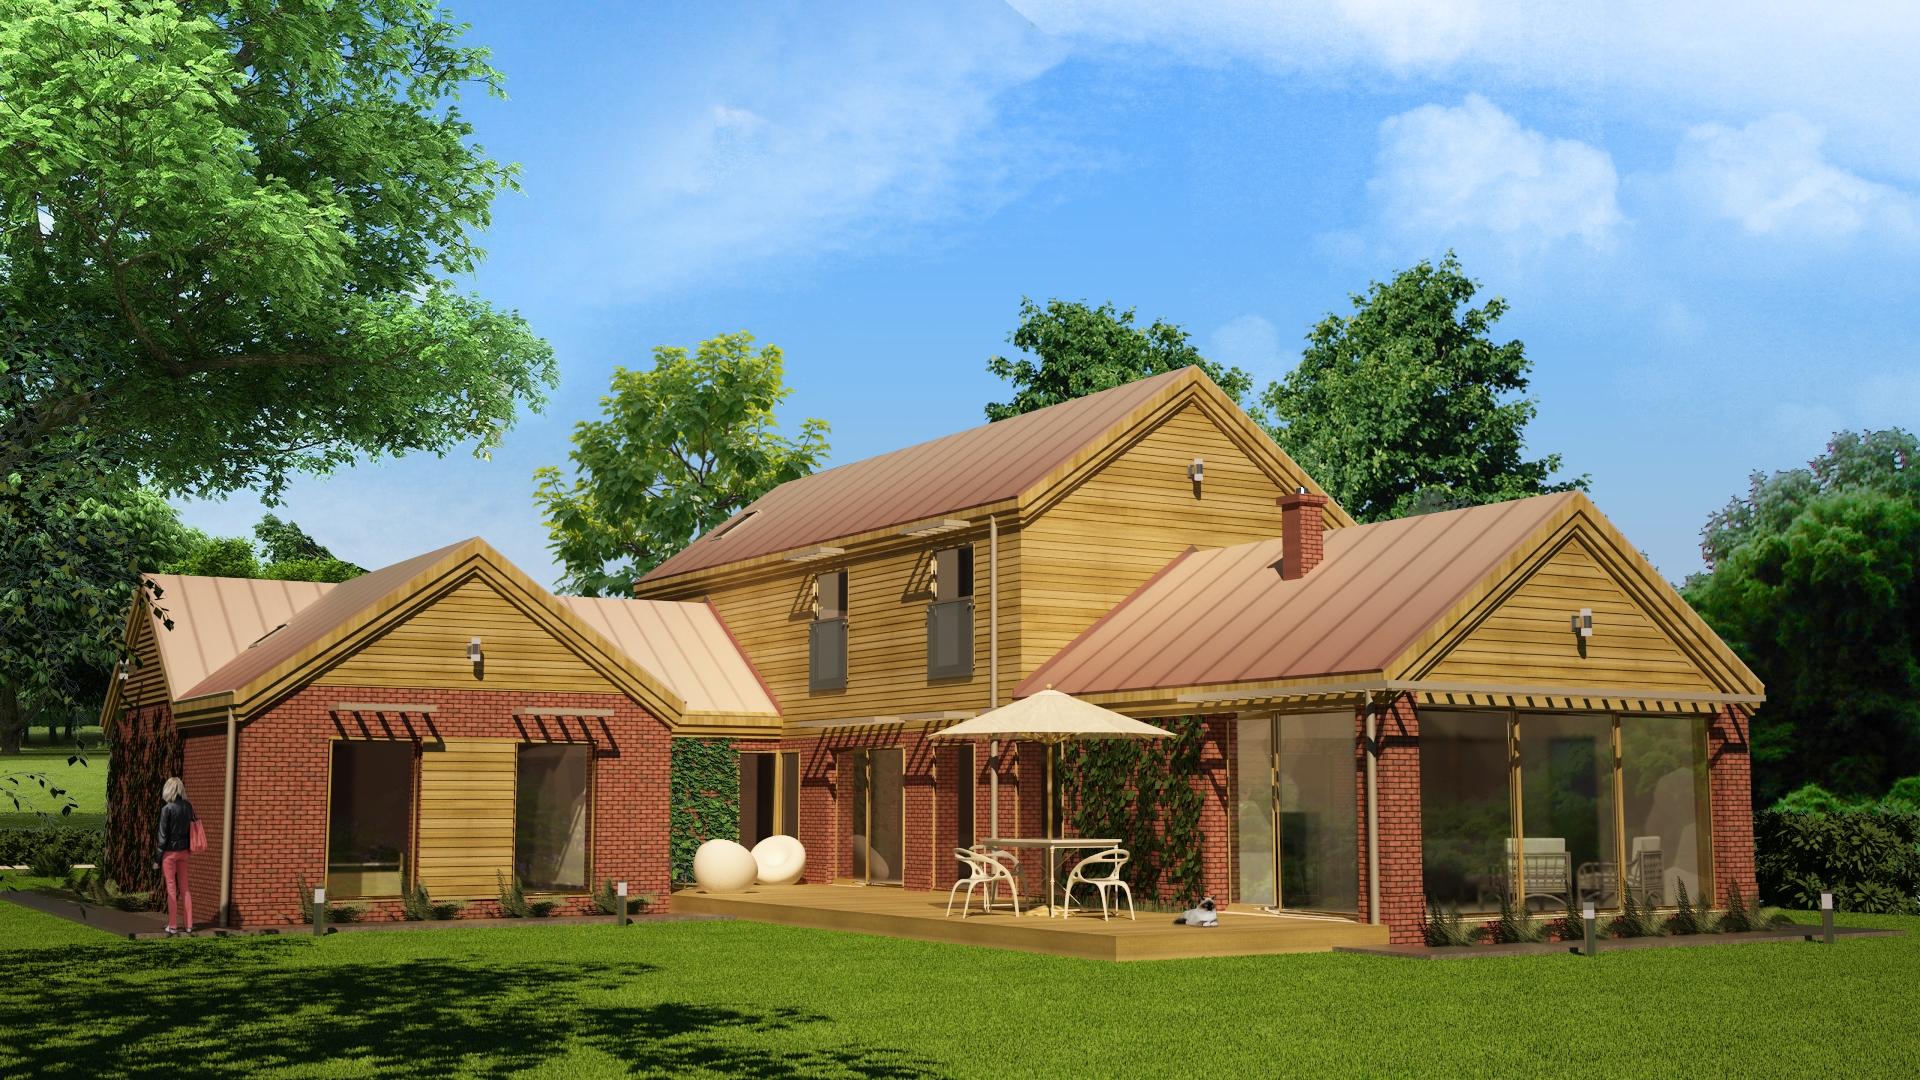 dom jednorodzinny z cegły, widok od ogrodu